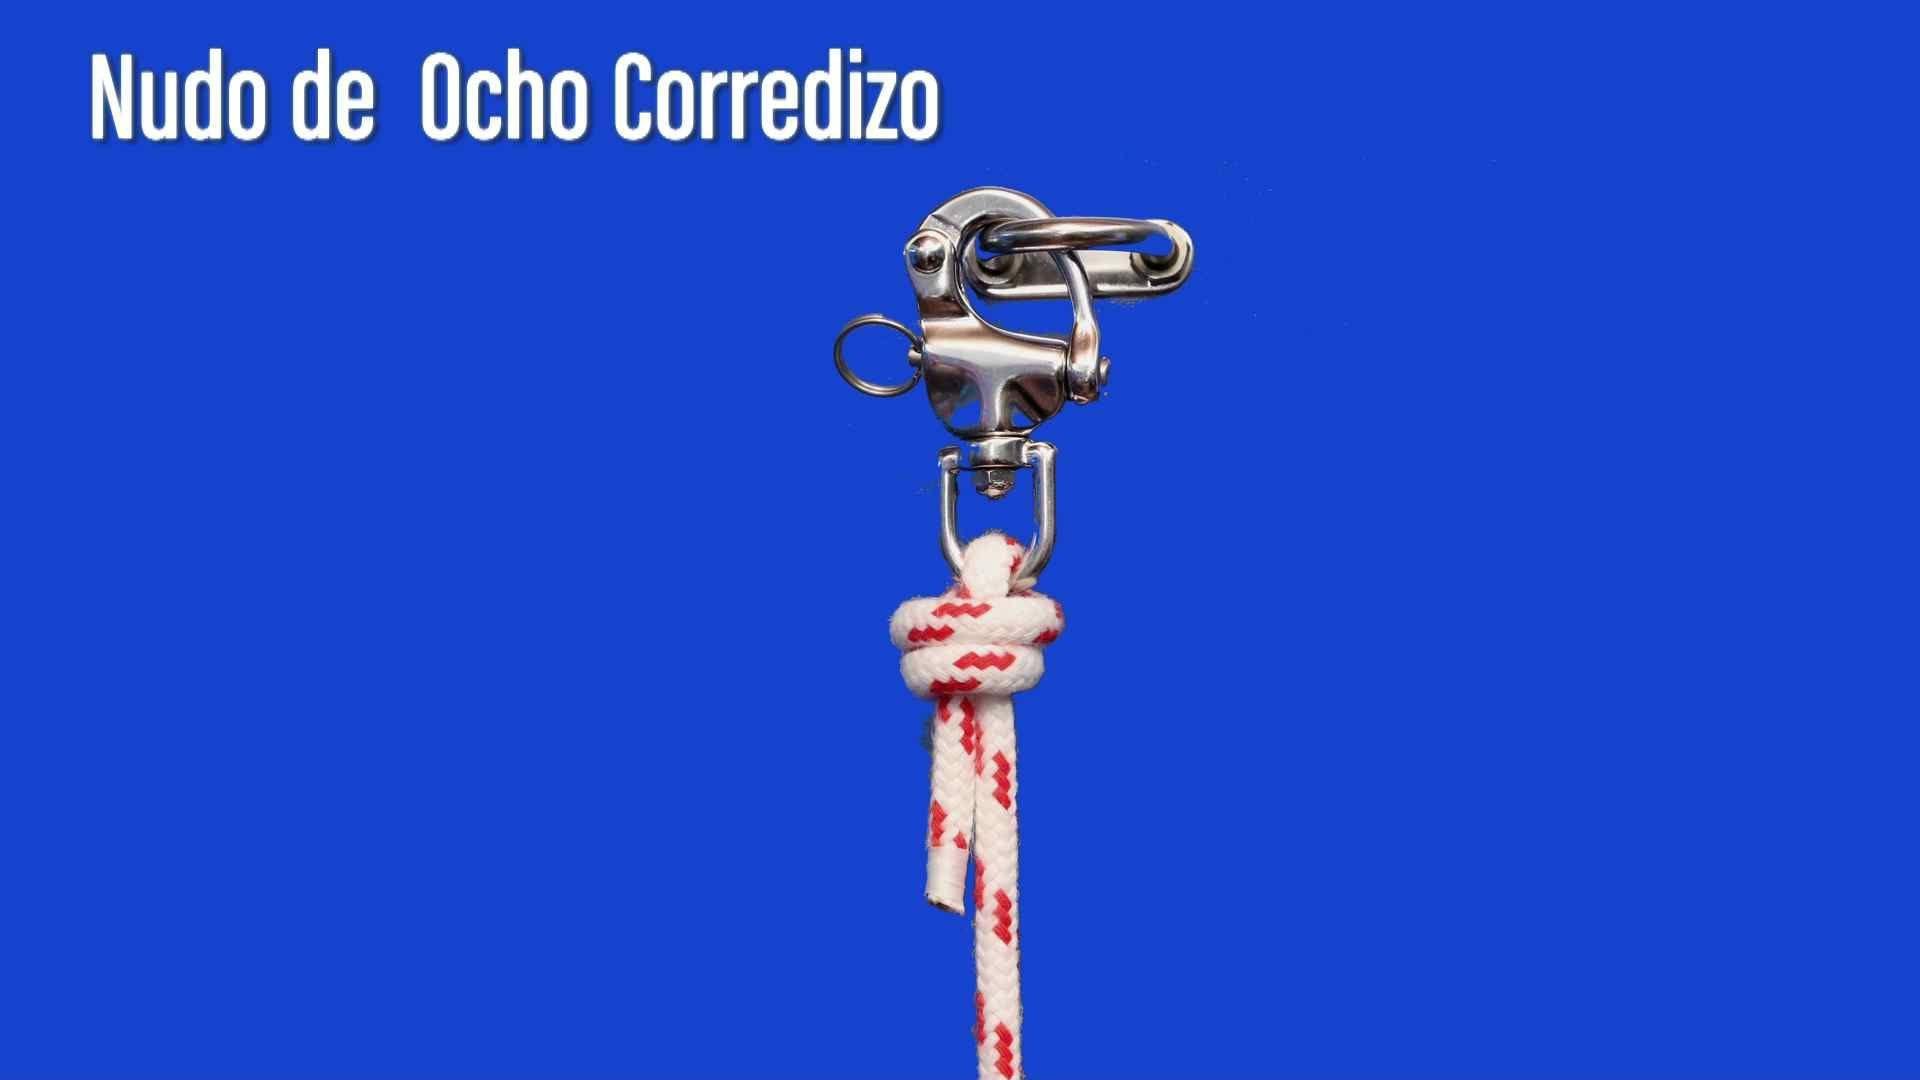 NUDO DE OCHO CORREDIZO